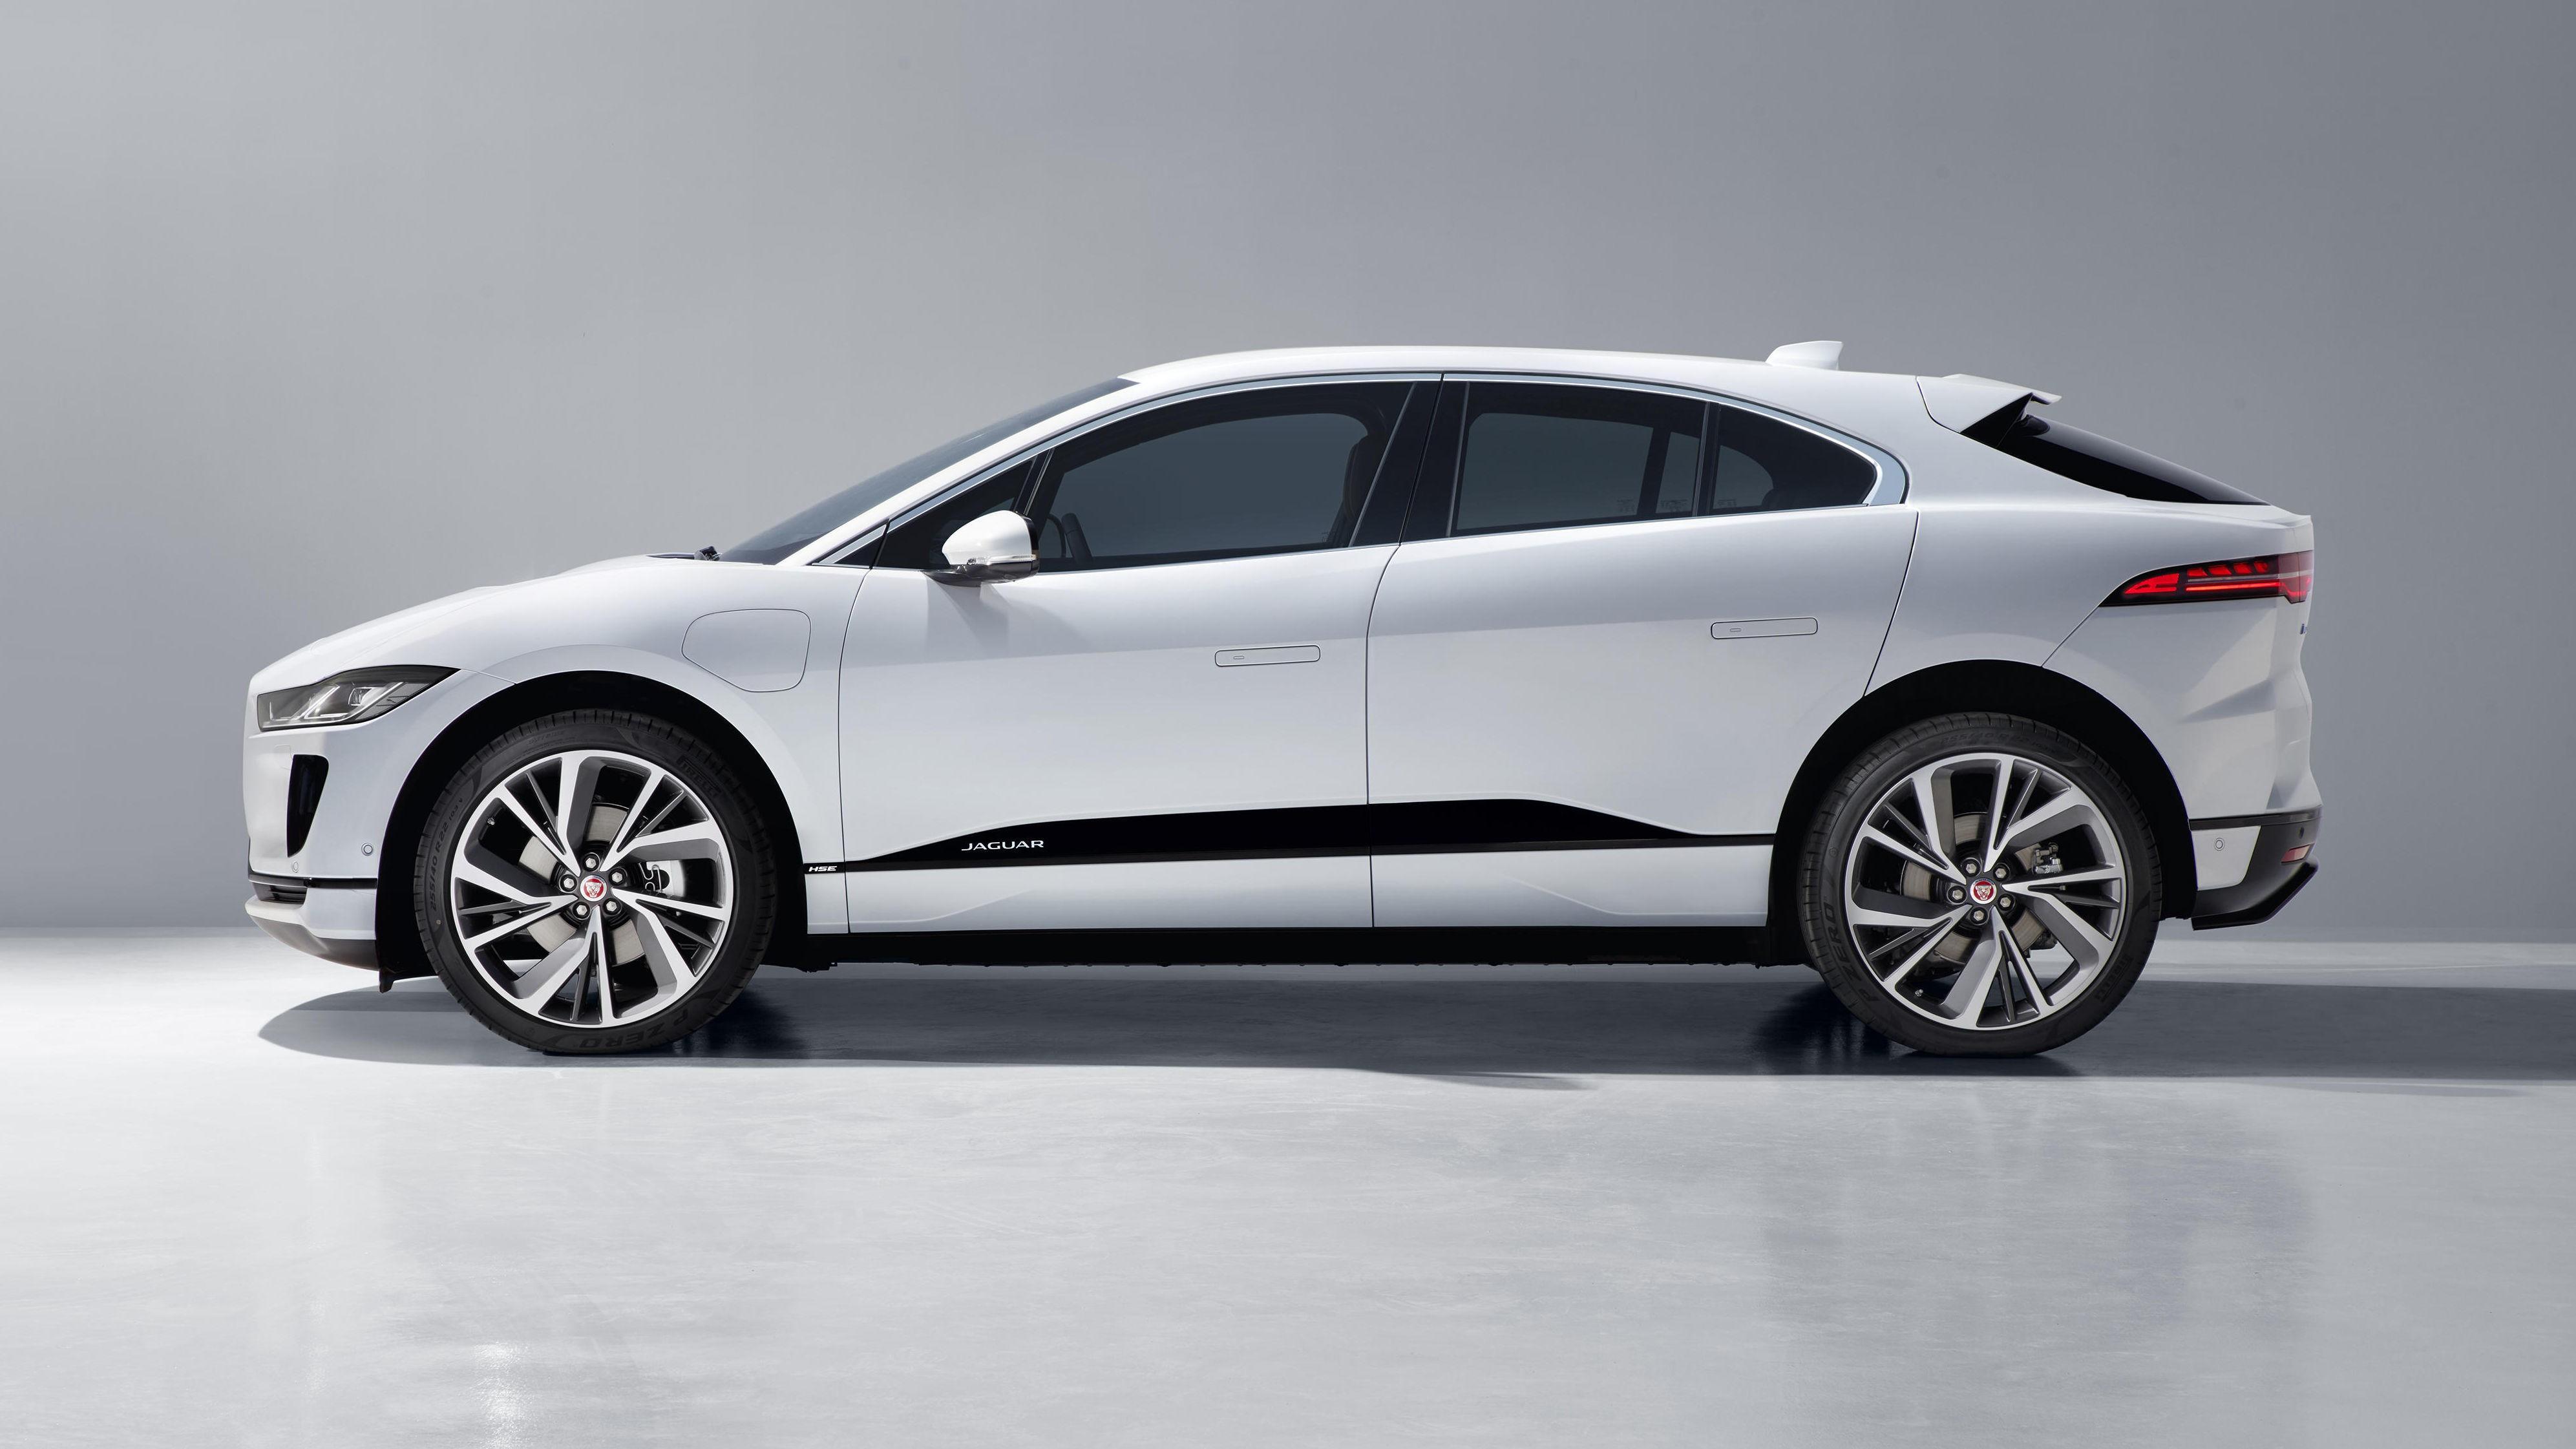 SLIK SER I-PACE UT: Jaguar avduket produksjonsmodellen av sin første elbil I-Pace den 1. mars 2018. Bilen er svært lik konseptmodellen som ble avduket i november 2016.